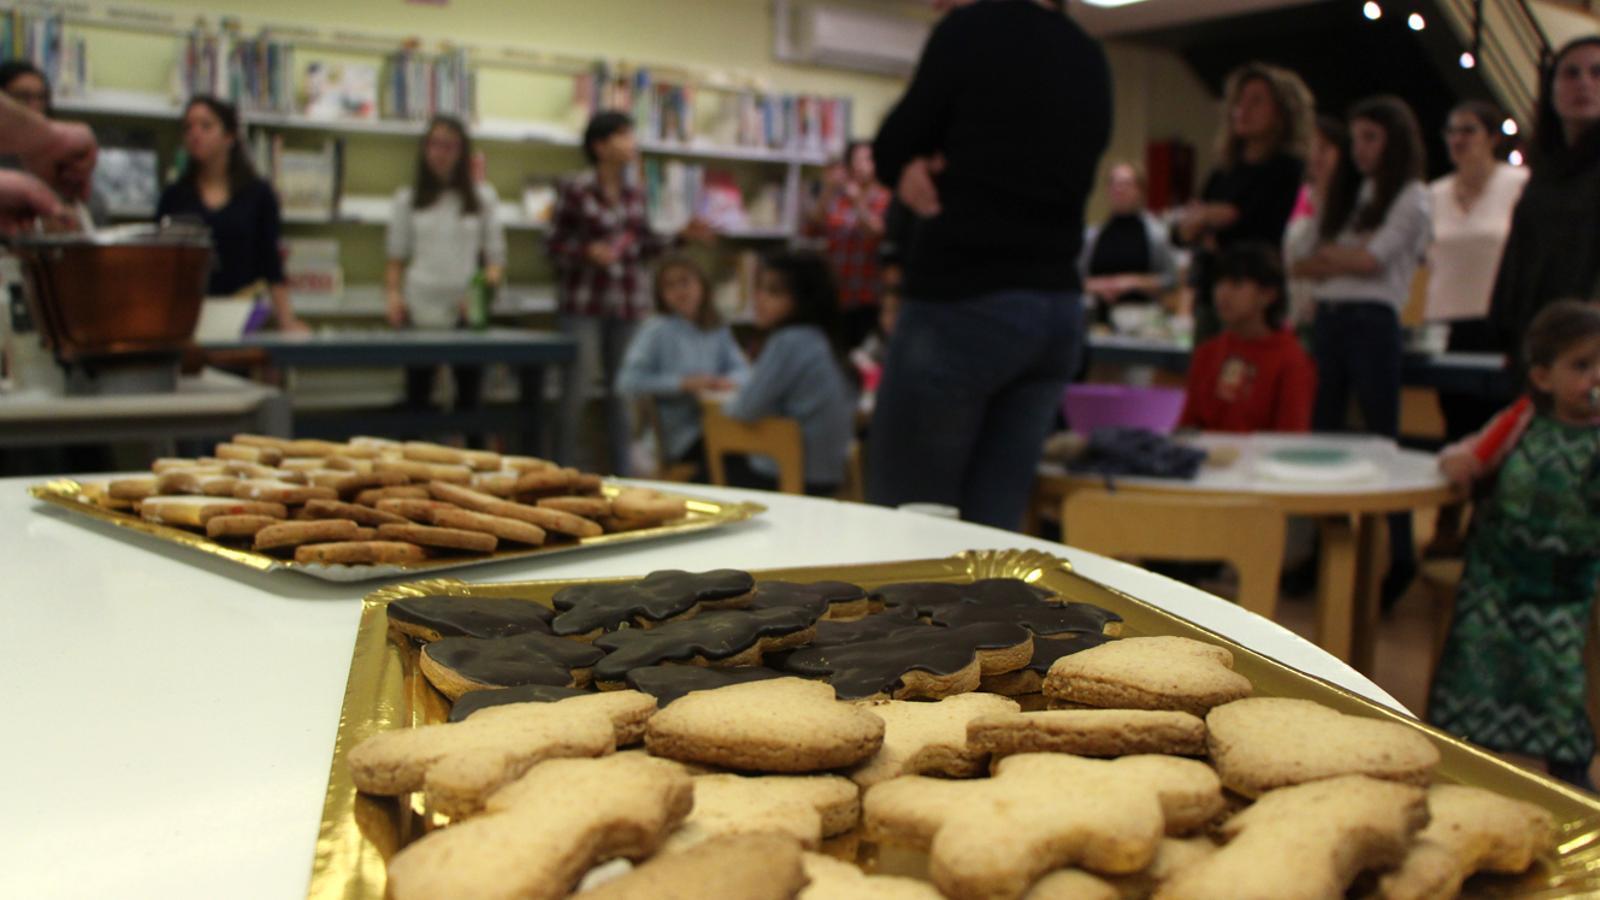 Així quedaran les galetes quan els assistents les posin al forn. / M. M. (ANA)